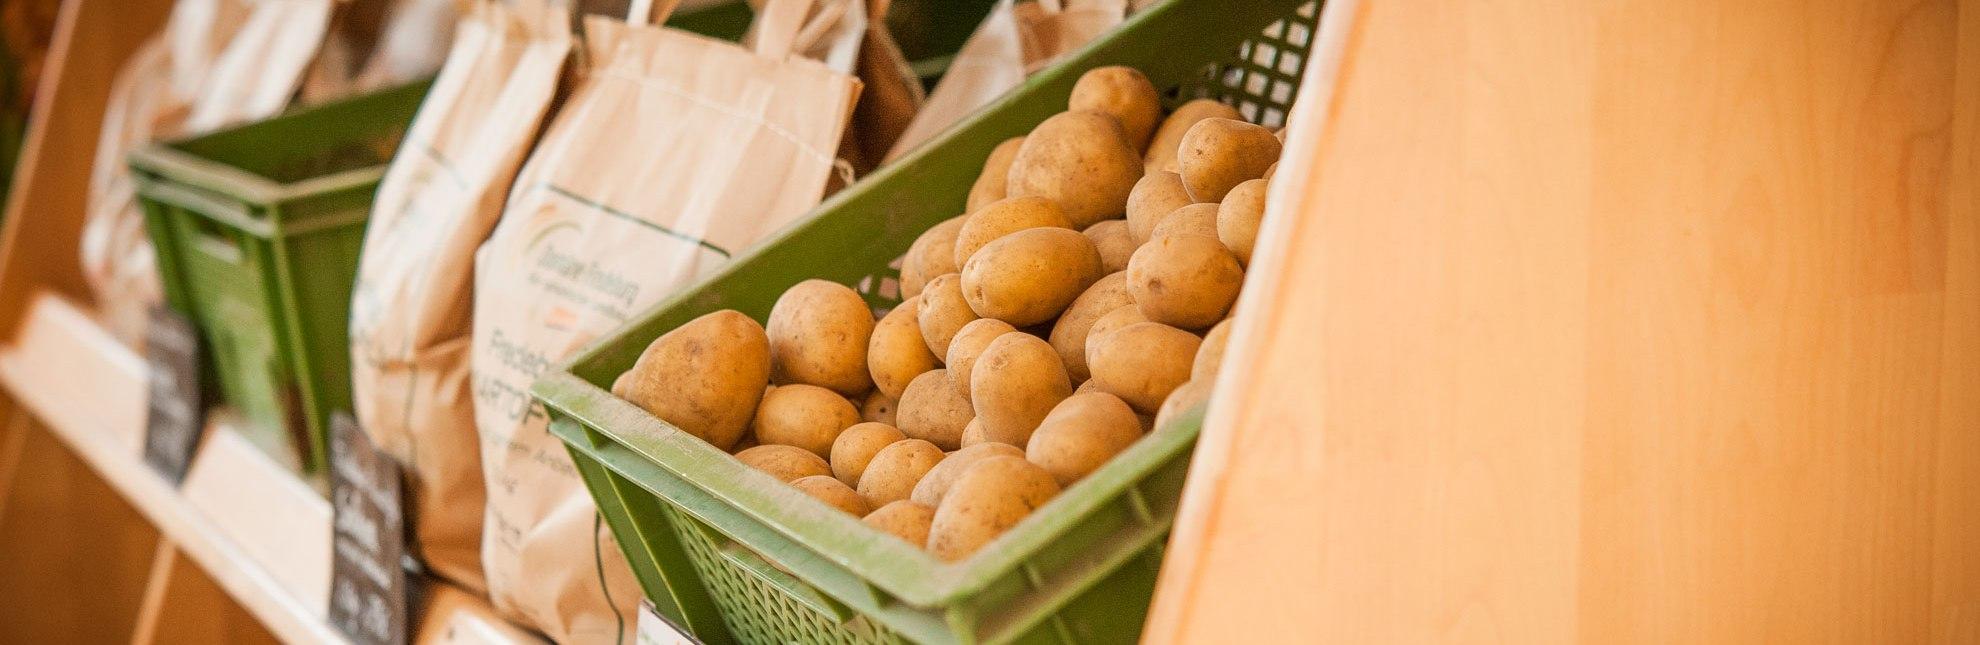 Hofladen mit Kartoffeln aus eigenem Anbau, © Nicole Franke/HLMS